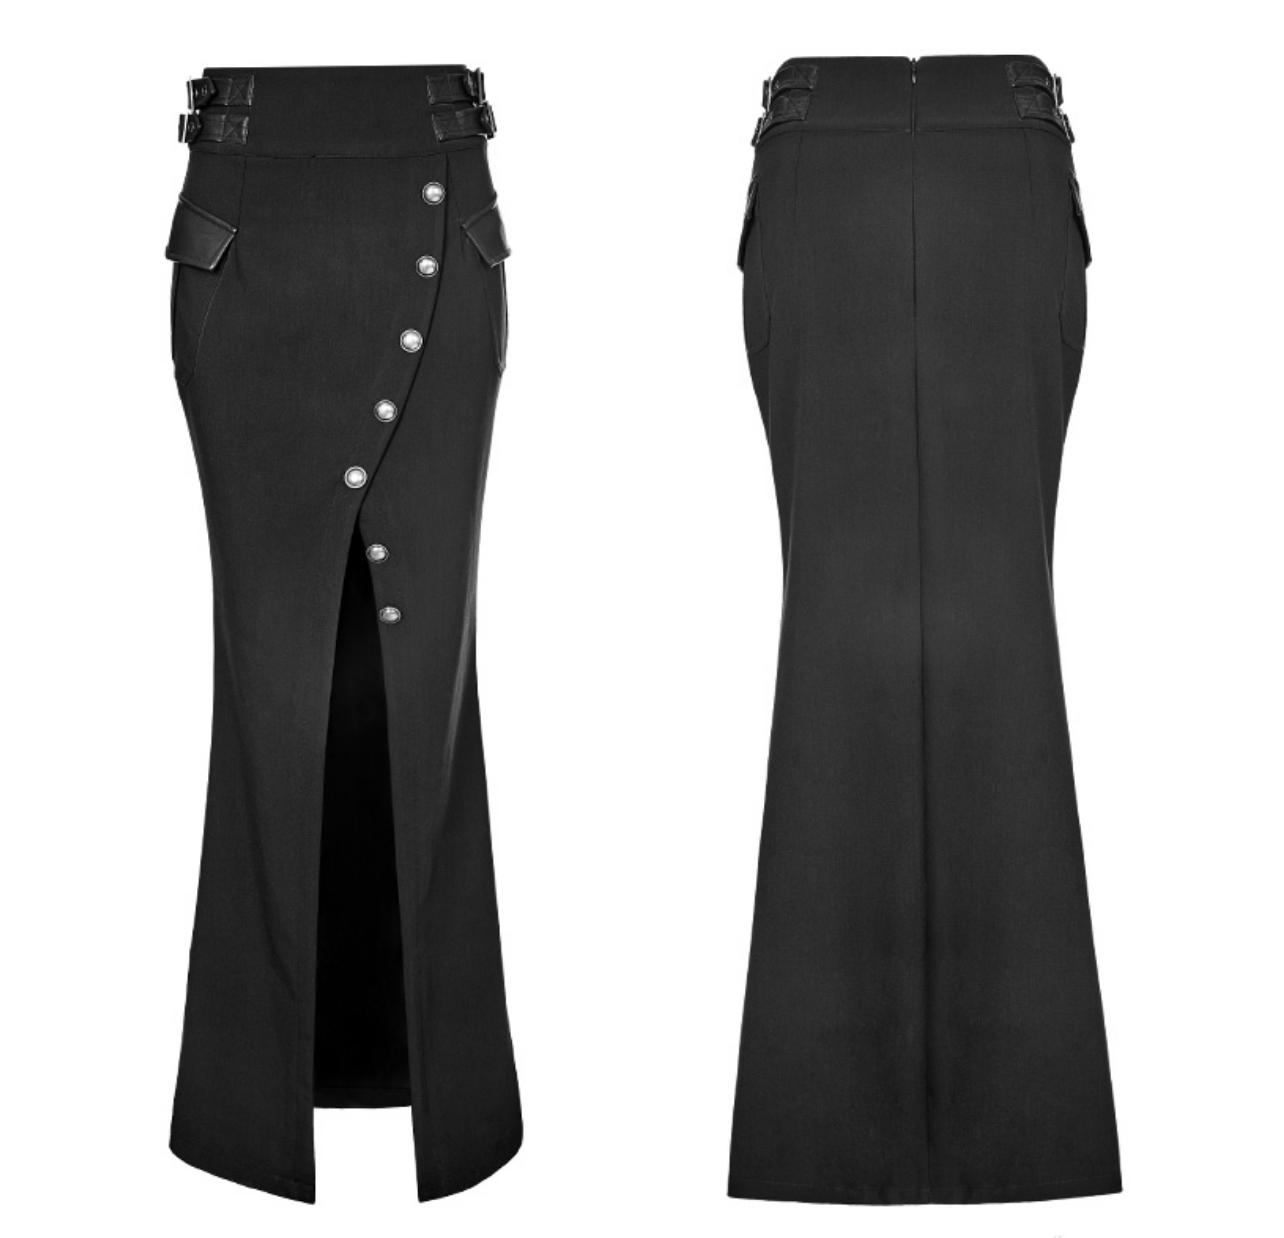 PNKR Long Military Pencil Skirt w/ Slit